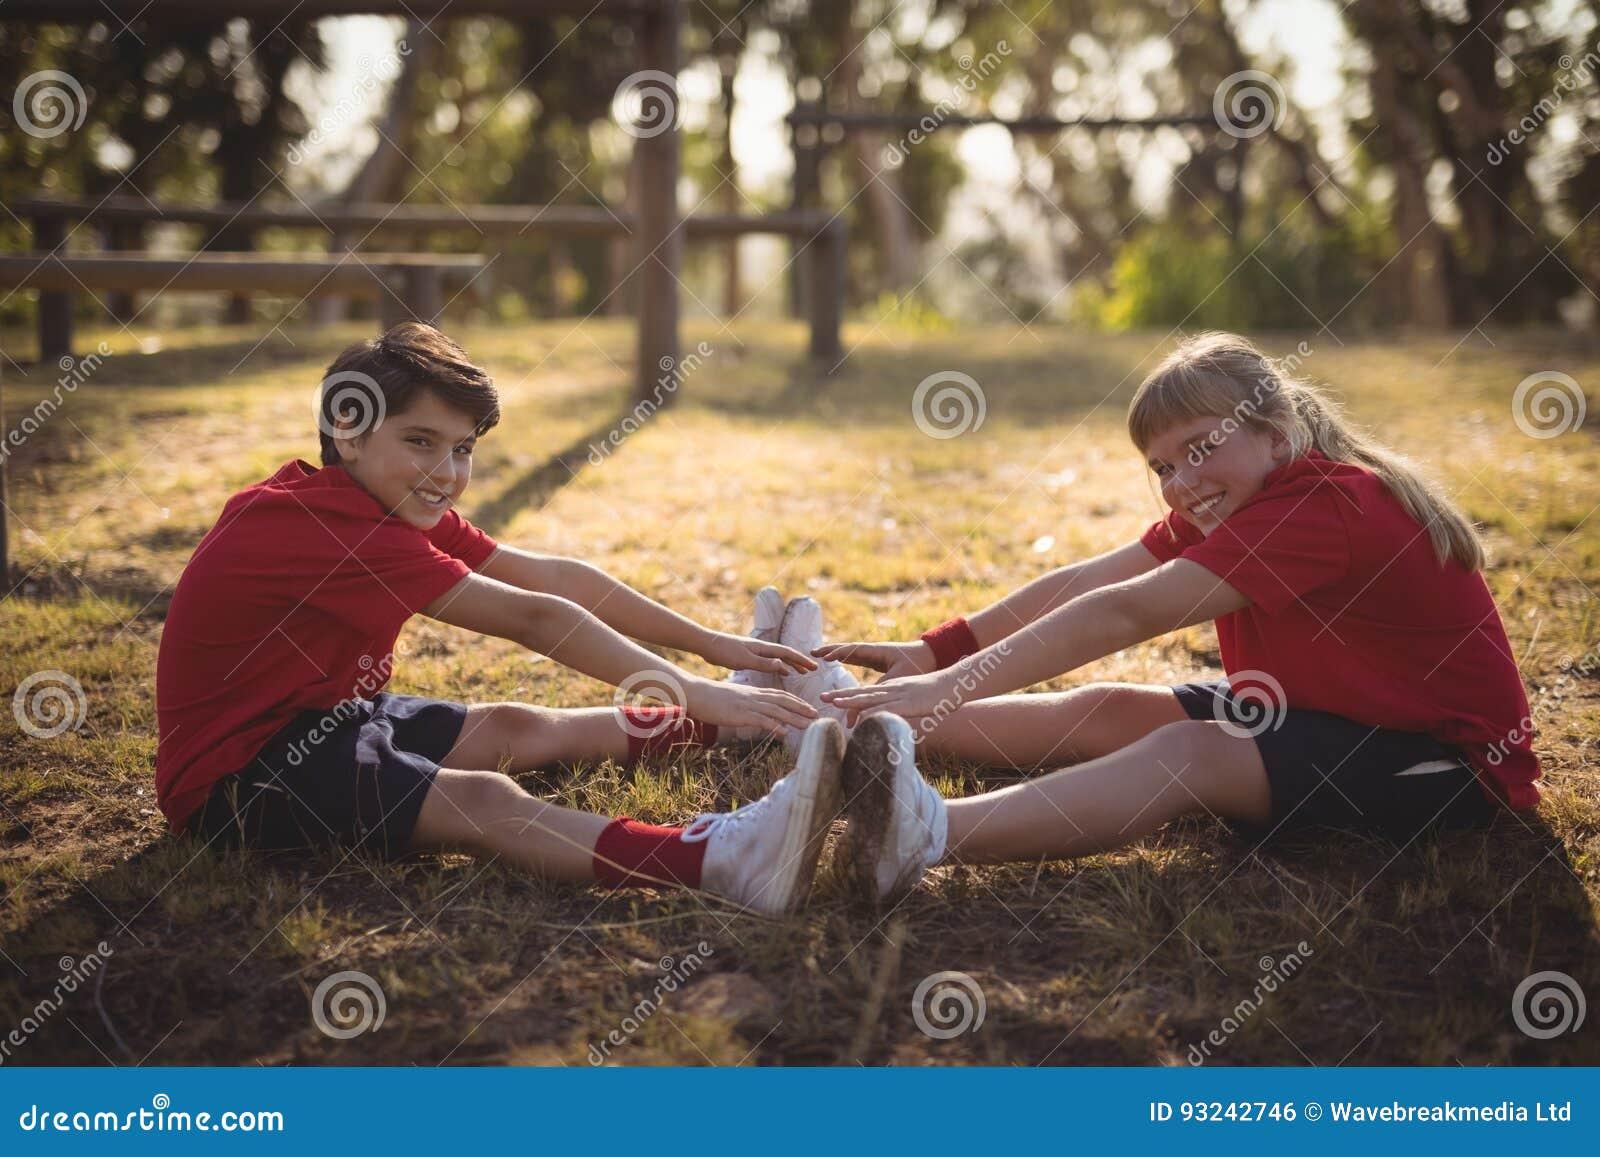 Stående av lyckliga ungar som utför sträcka övning under hinderkurs